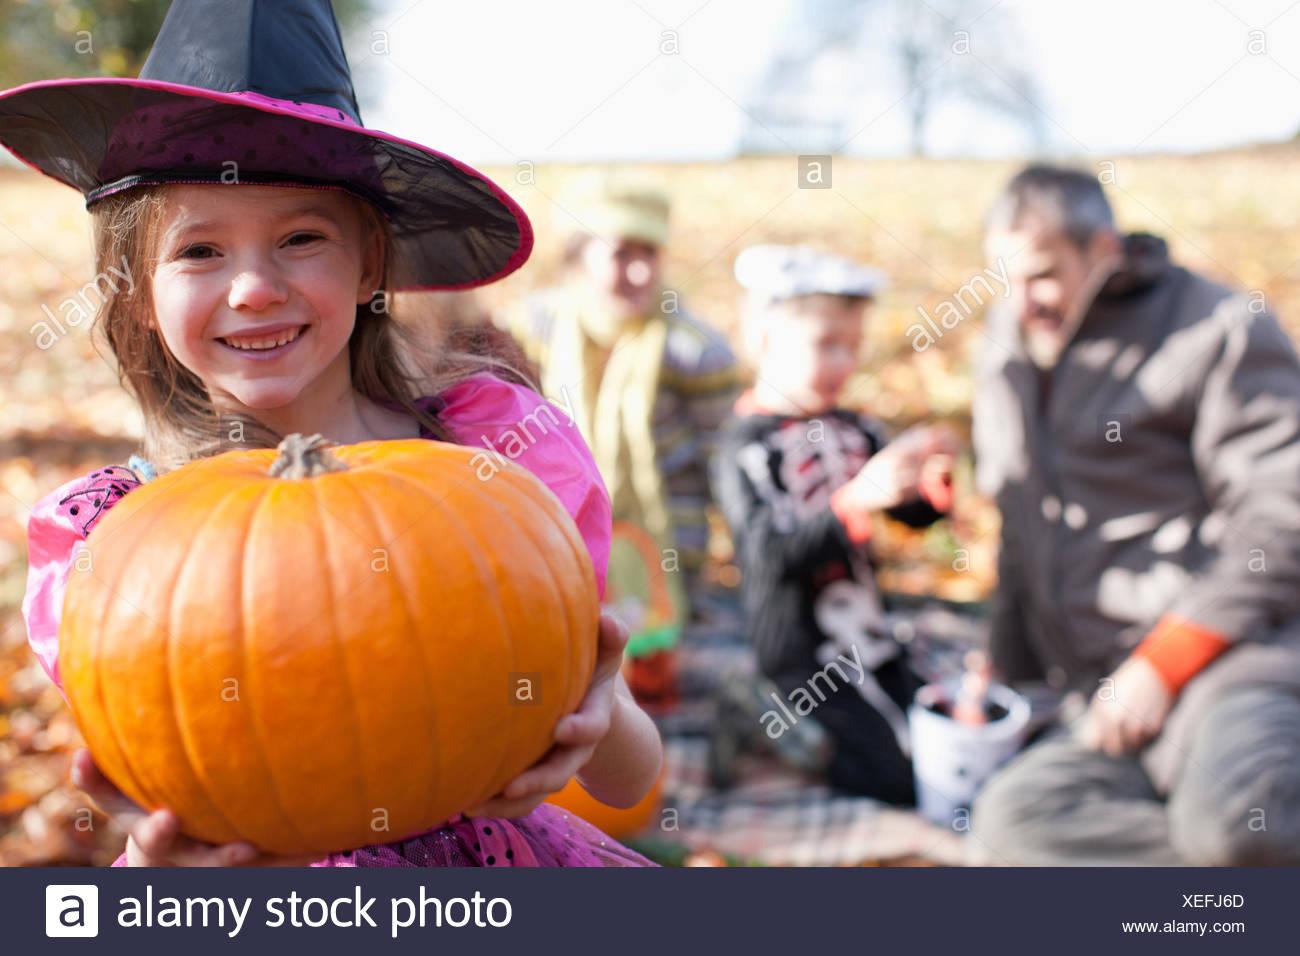 Jeune fille dans un costume d'Halloween citrouille holding Photo Stock